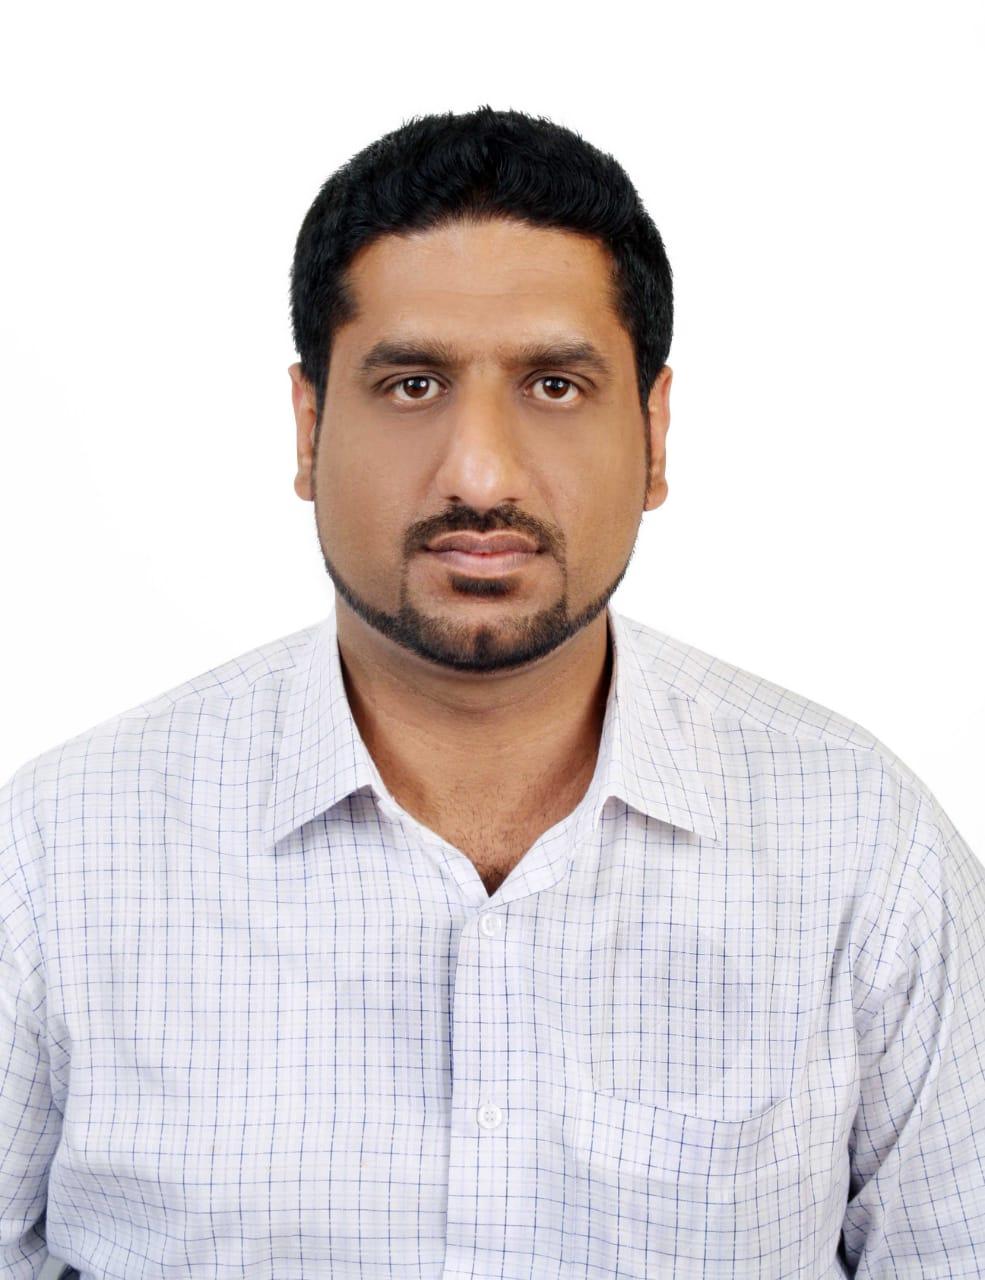 جمعية الصحفيين تقيم مجلس عزاء للمصور شودري محمد فؤاد في أبوظبي